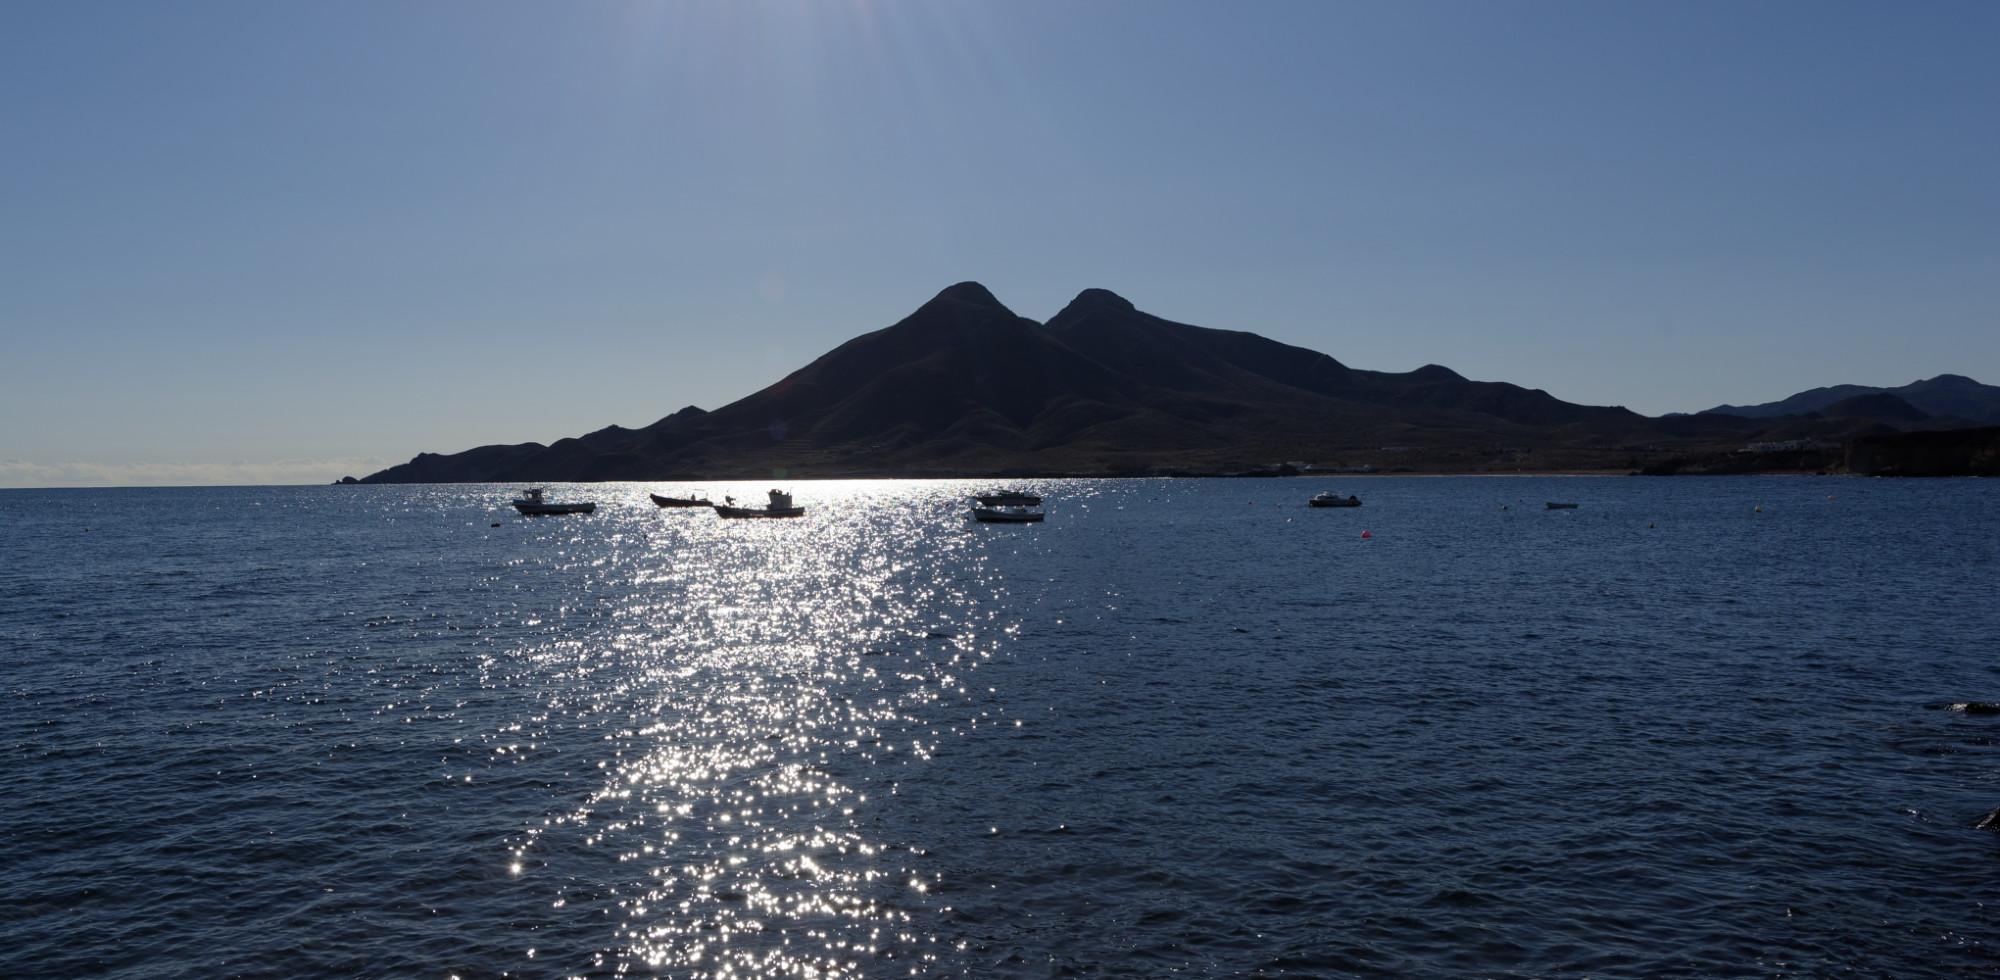 171218-La Isleta del Moro (Cabo de Gata-Andalousie) (24)